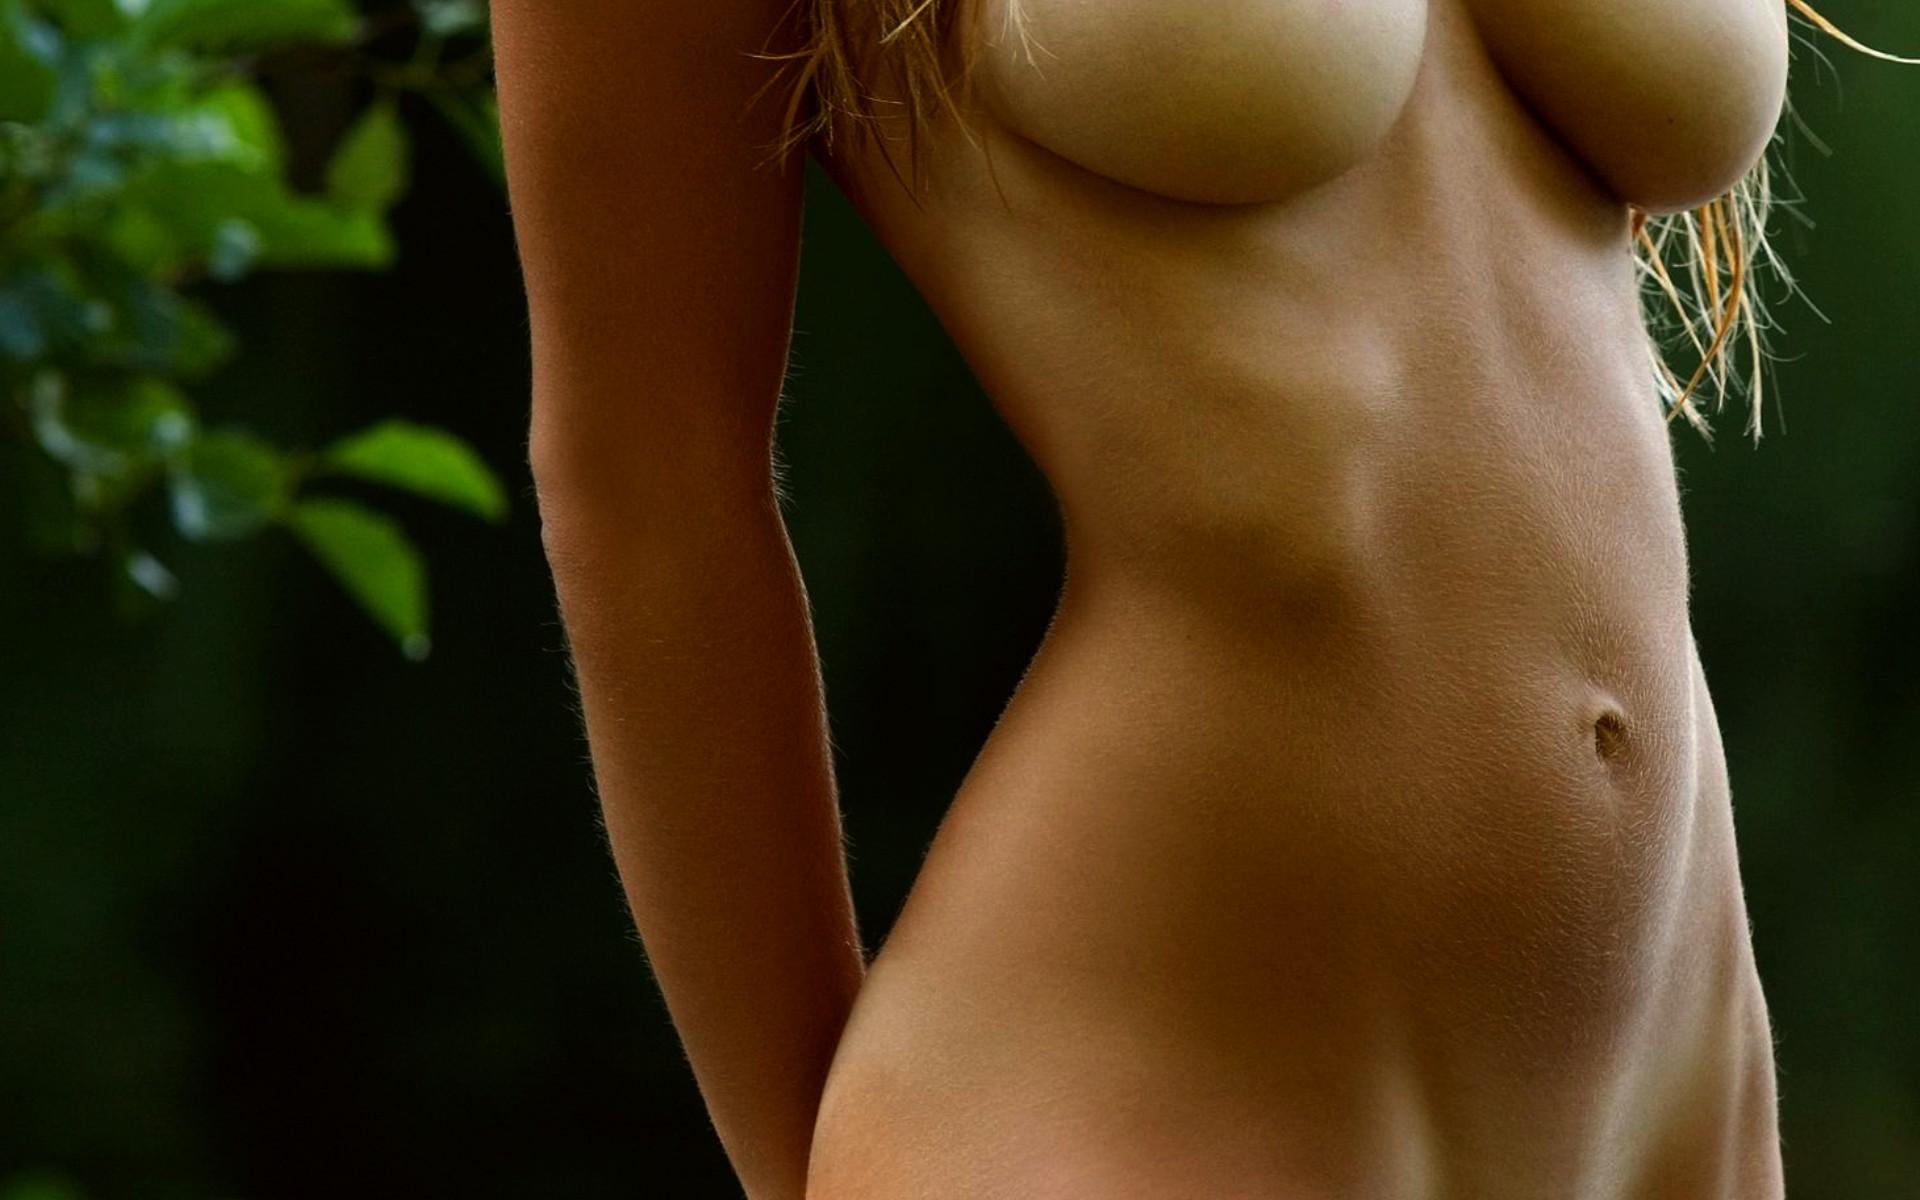 goliy-pupok-zhenskiy